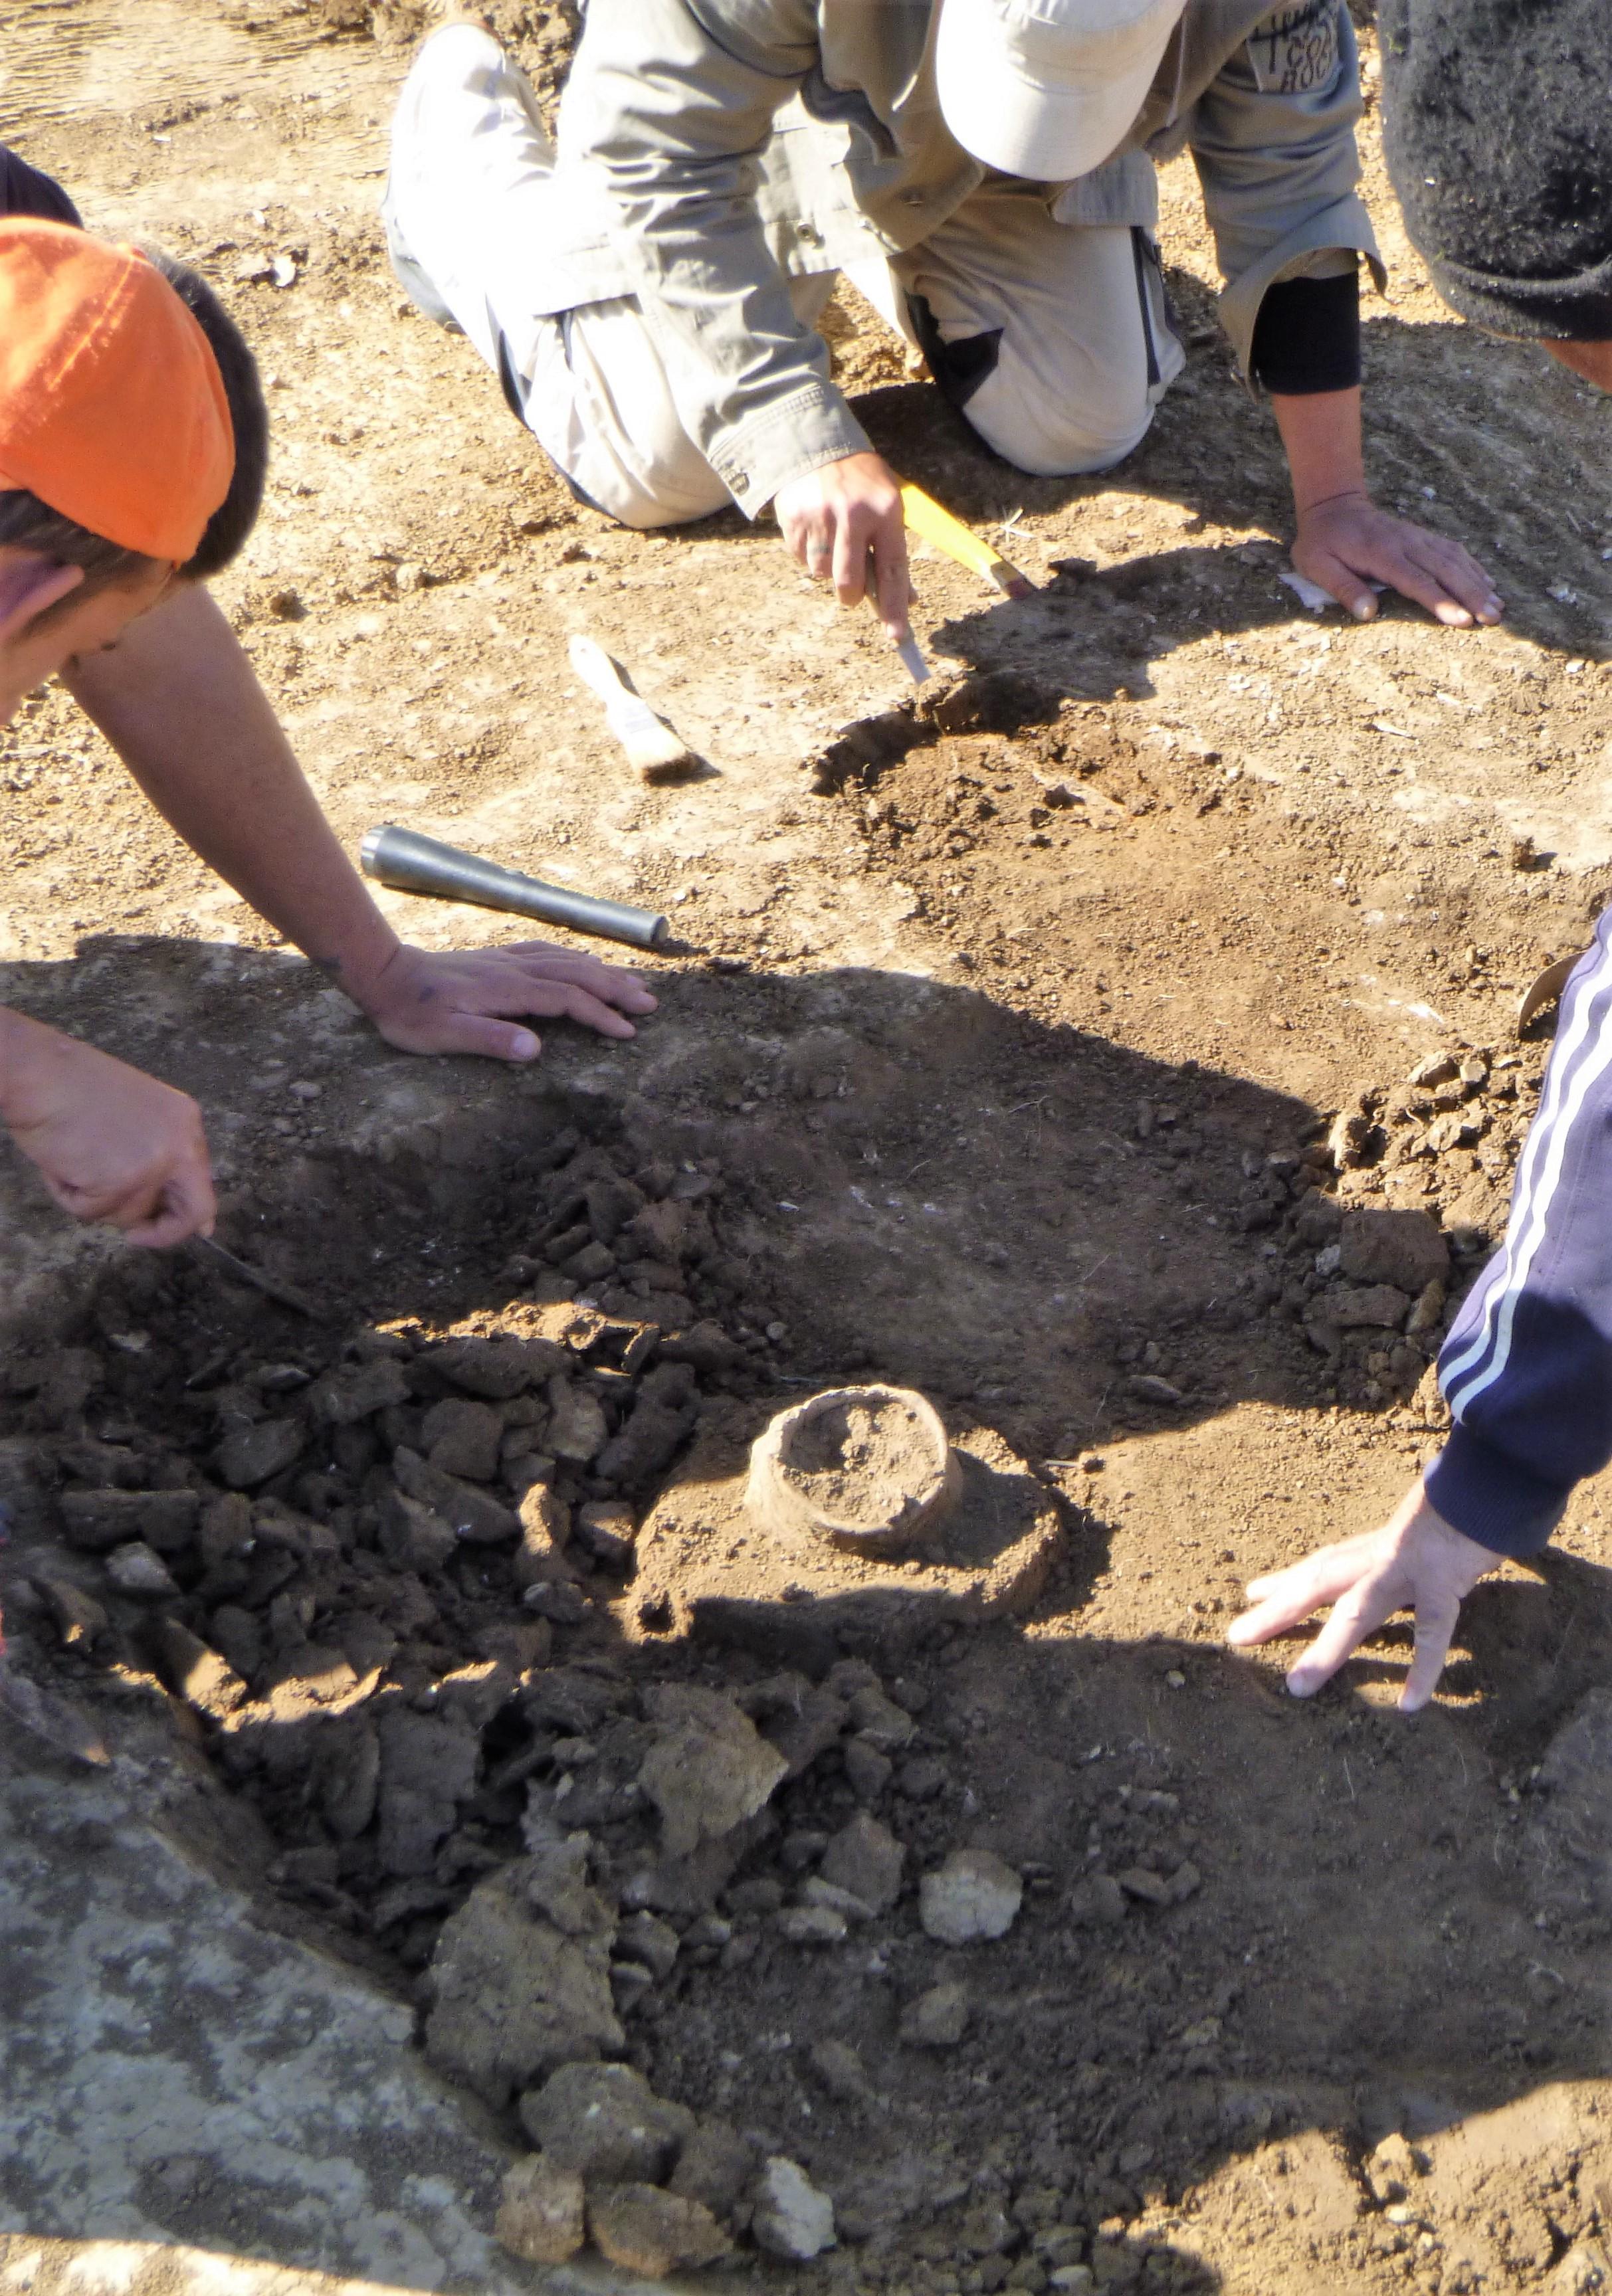 Birituális szkíta temető feltárás Méra, Cser-alj lelőhely